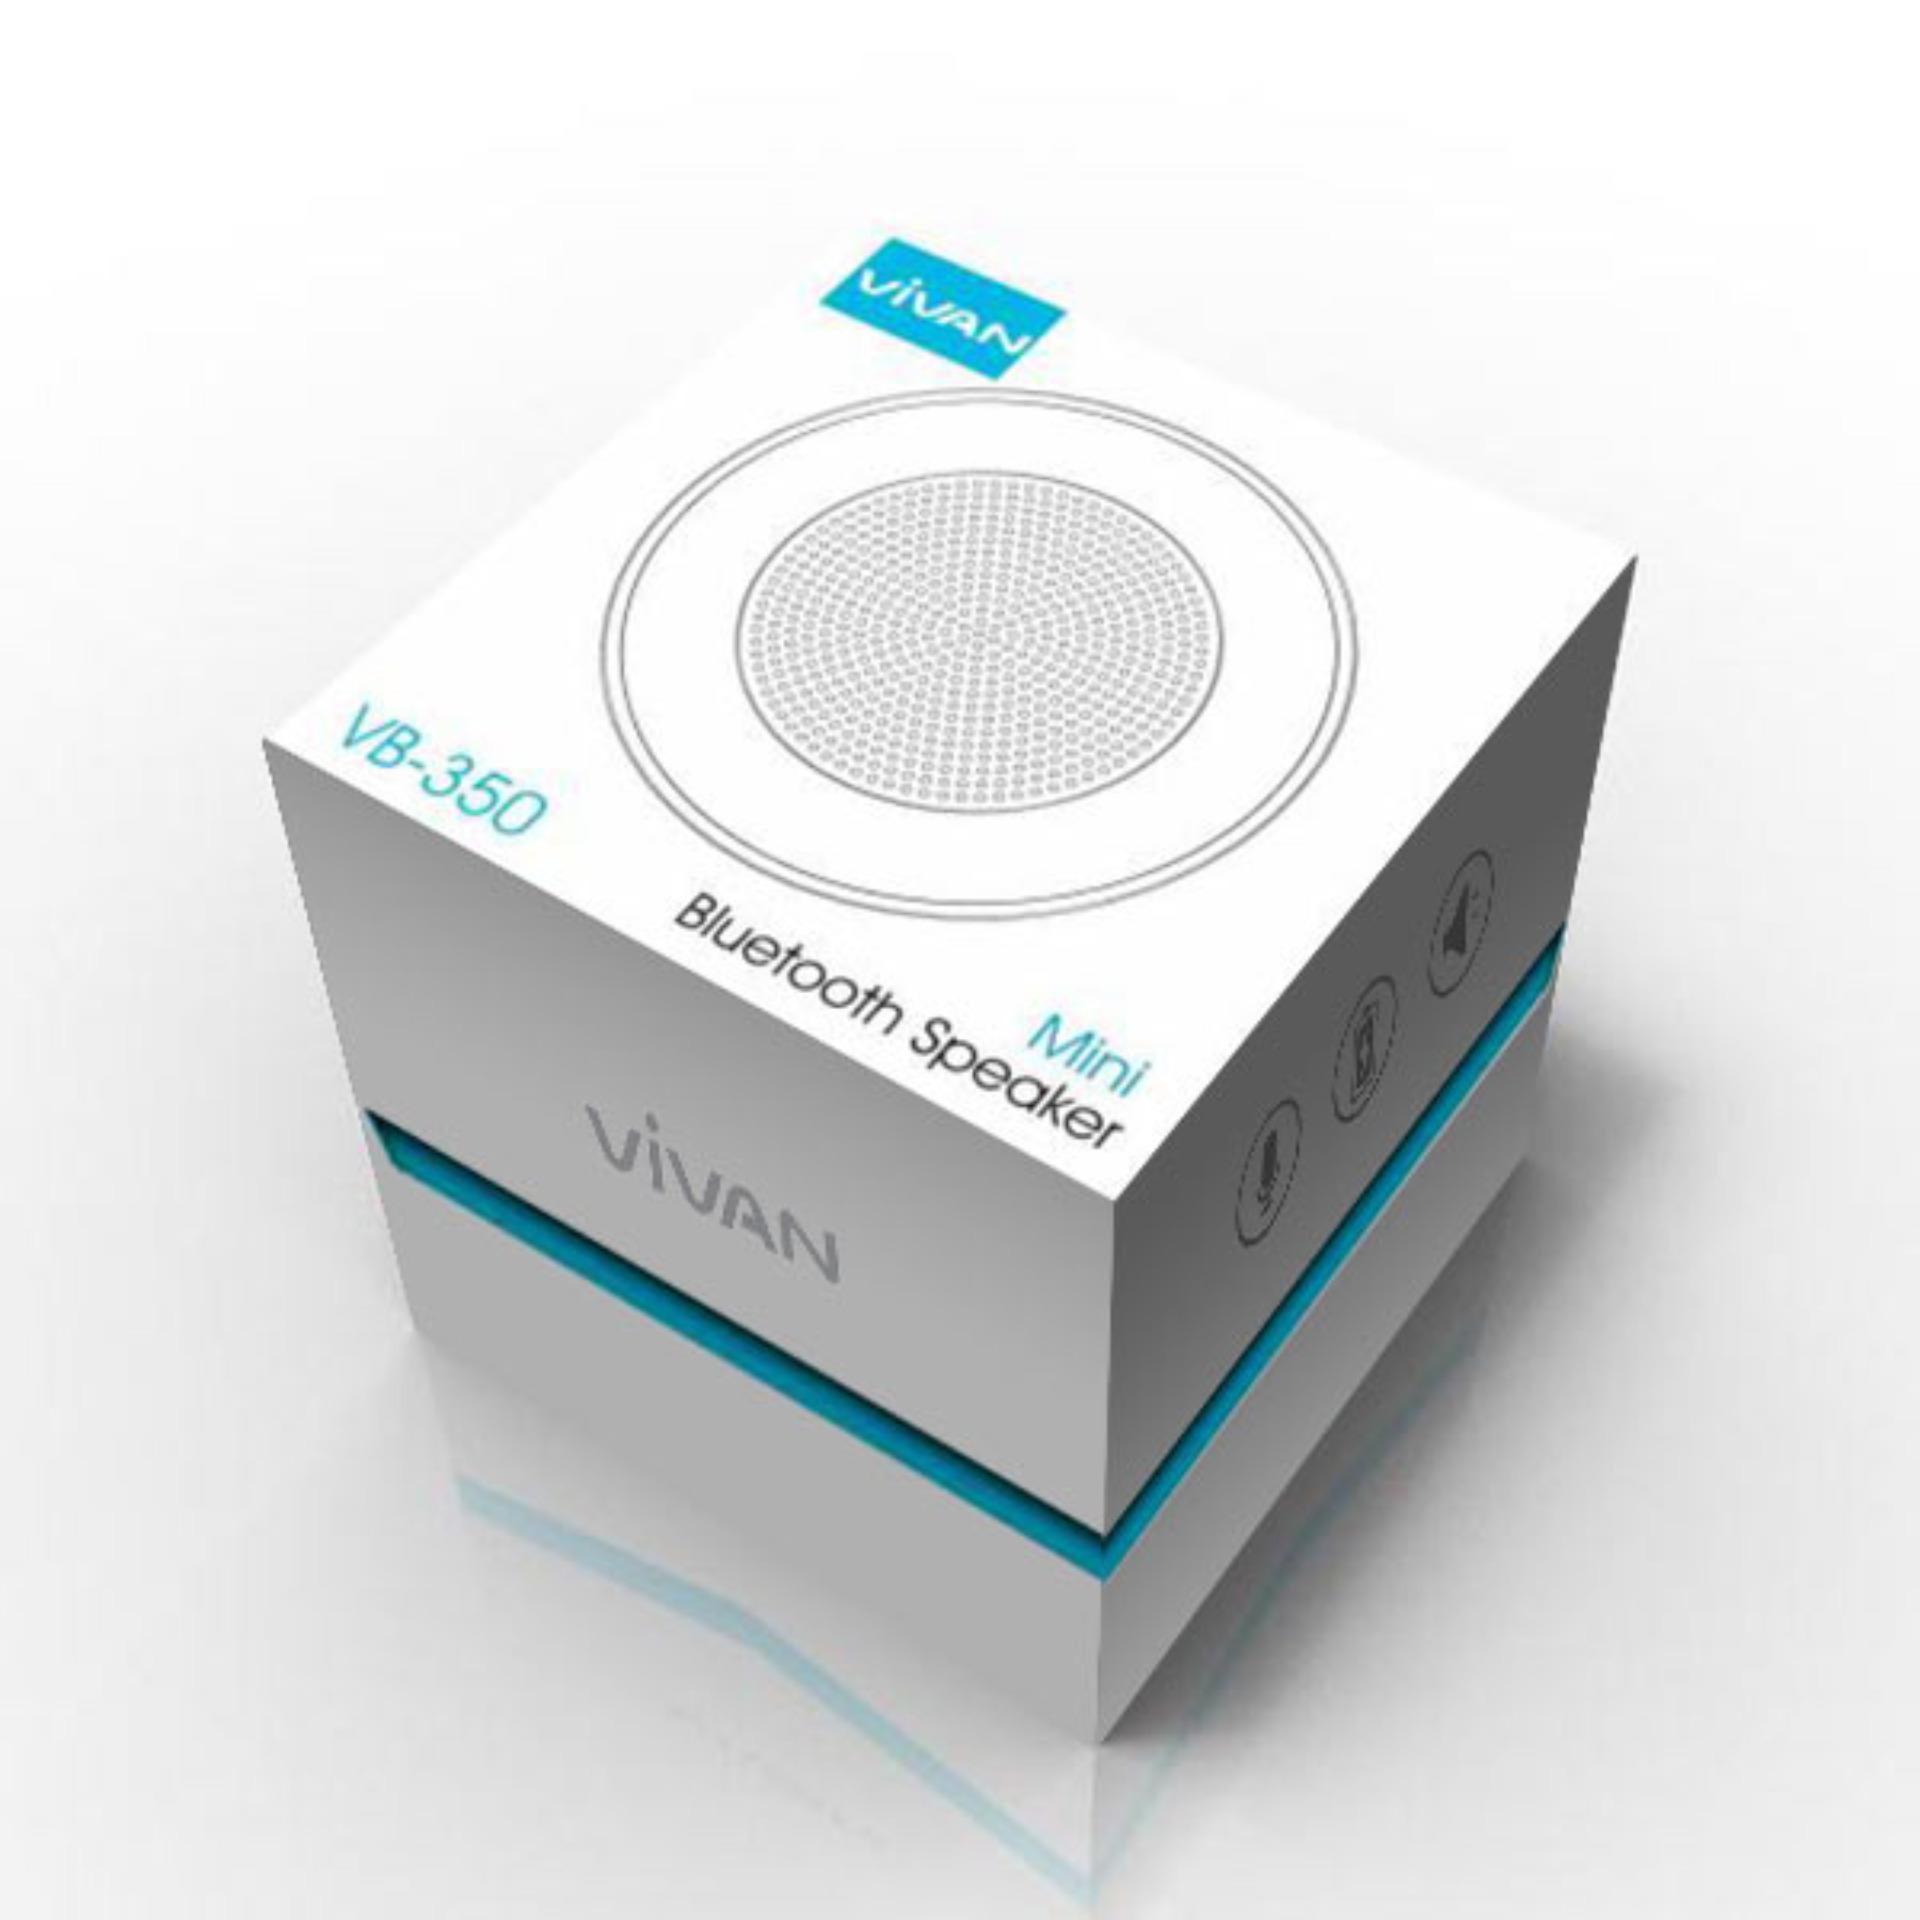 Vivan Speaker Portable Mini Bluetooth With Lamp Putih Update Robot Rb430 30 Square Hifi Black De032 Vb350 V30 Light